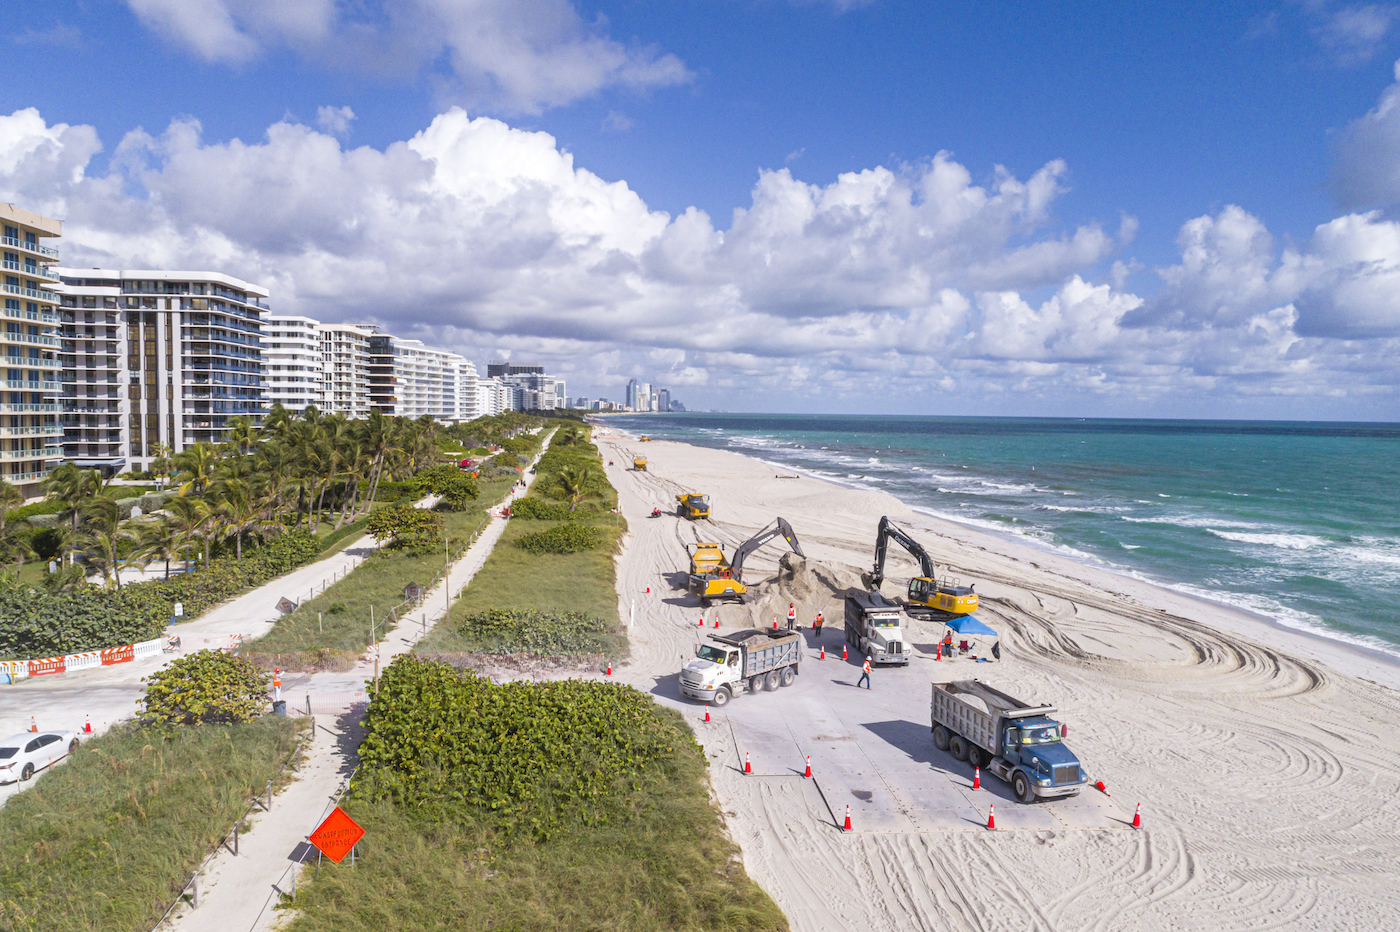 Bulldozers on a beach in Miami